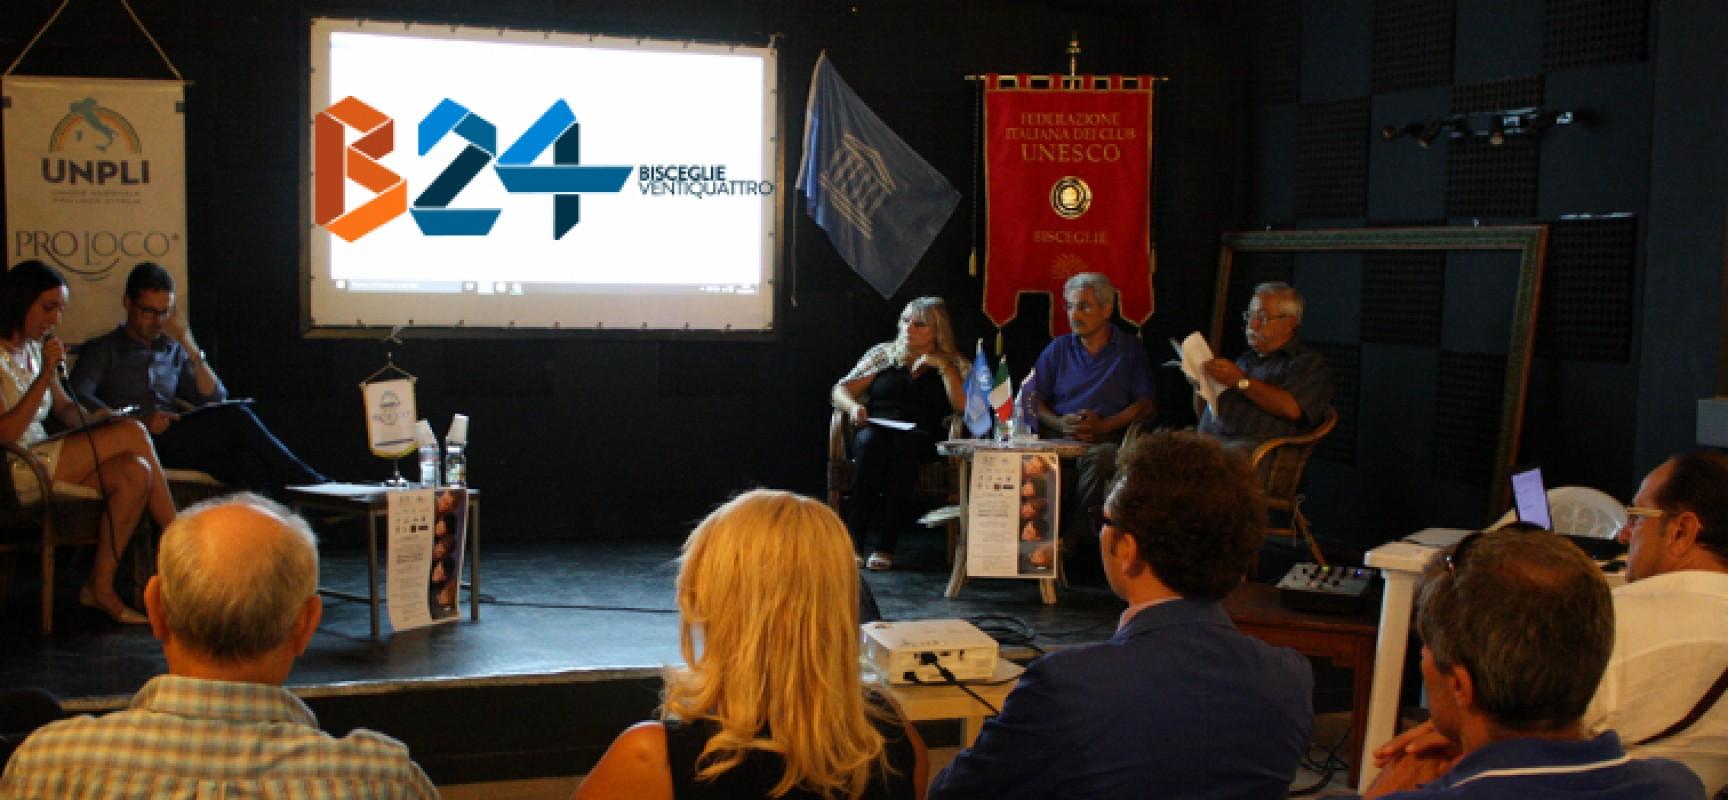 Giornata Gioventù (Pro Loco e UNESCO), le associazioni raccontano esperienze e risultati / FOTO